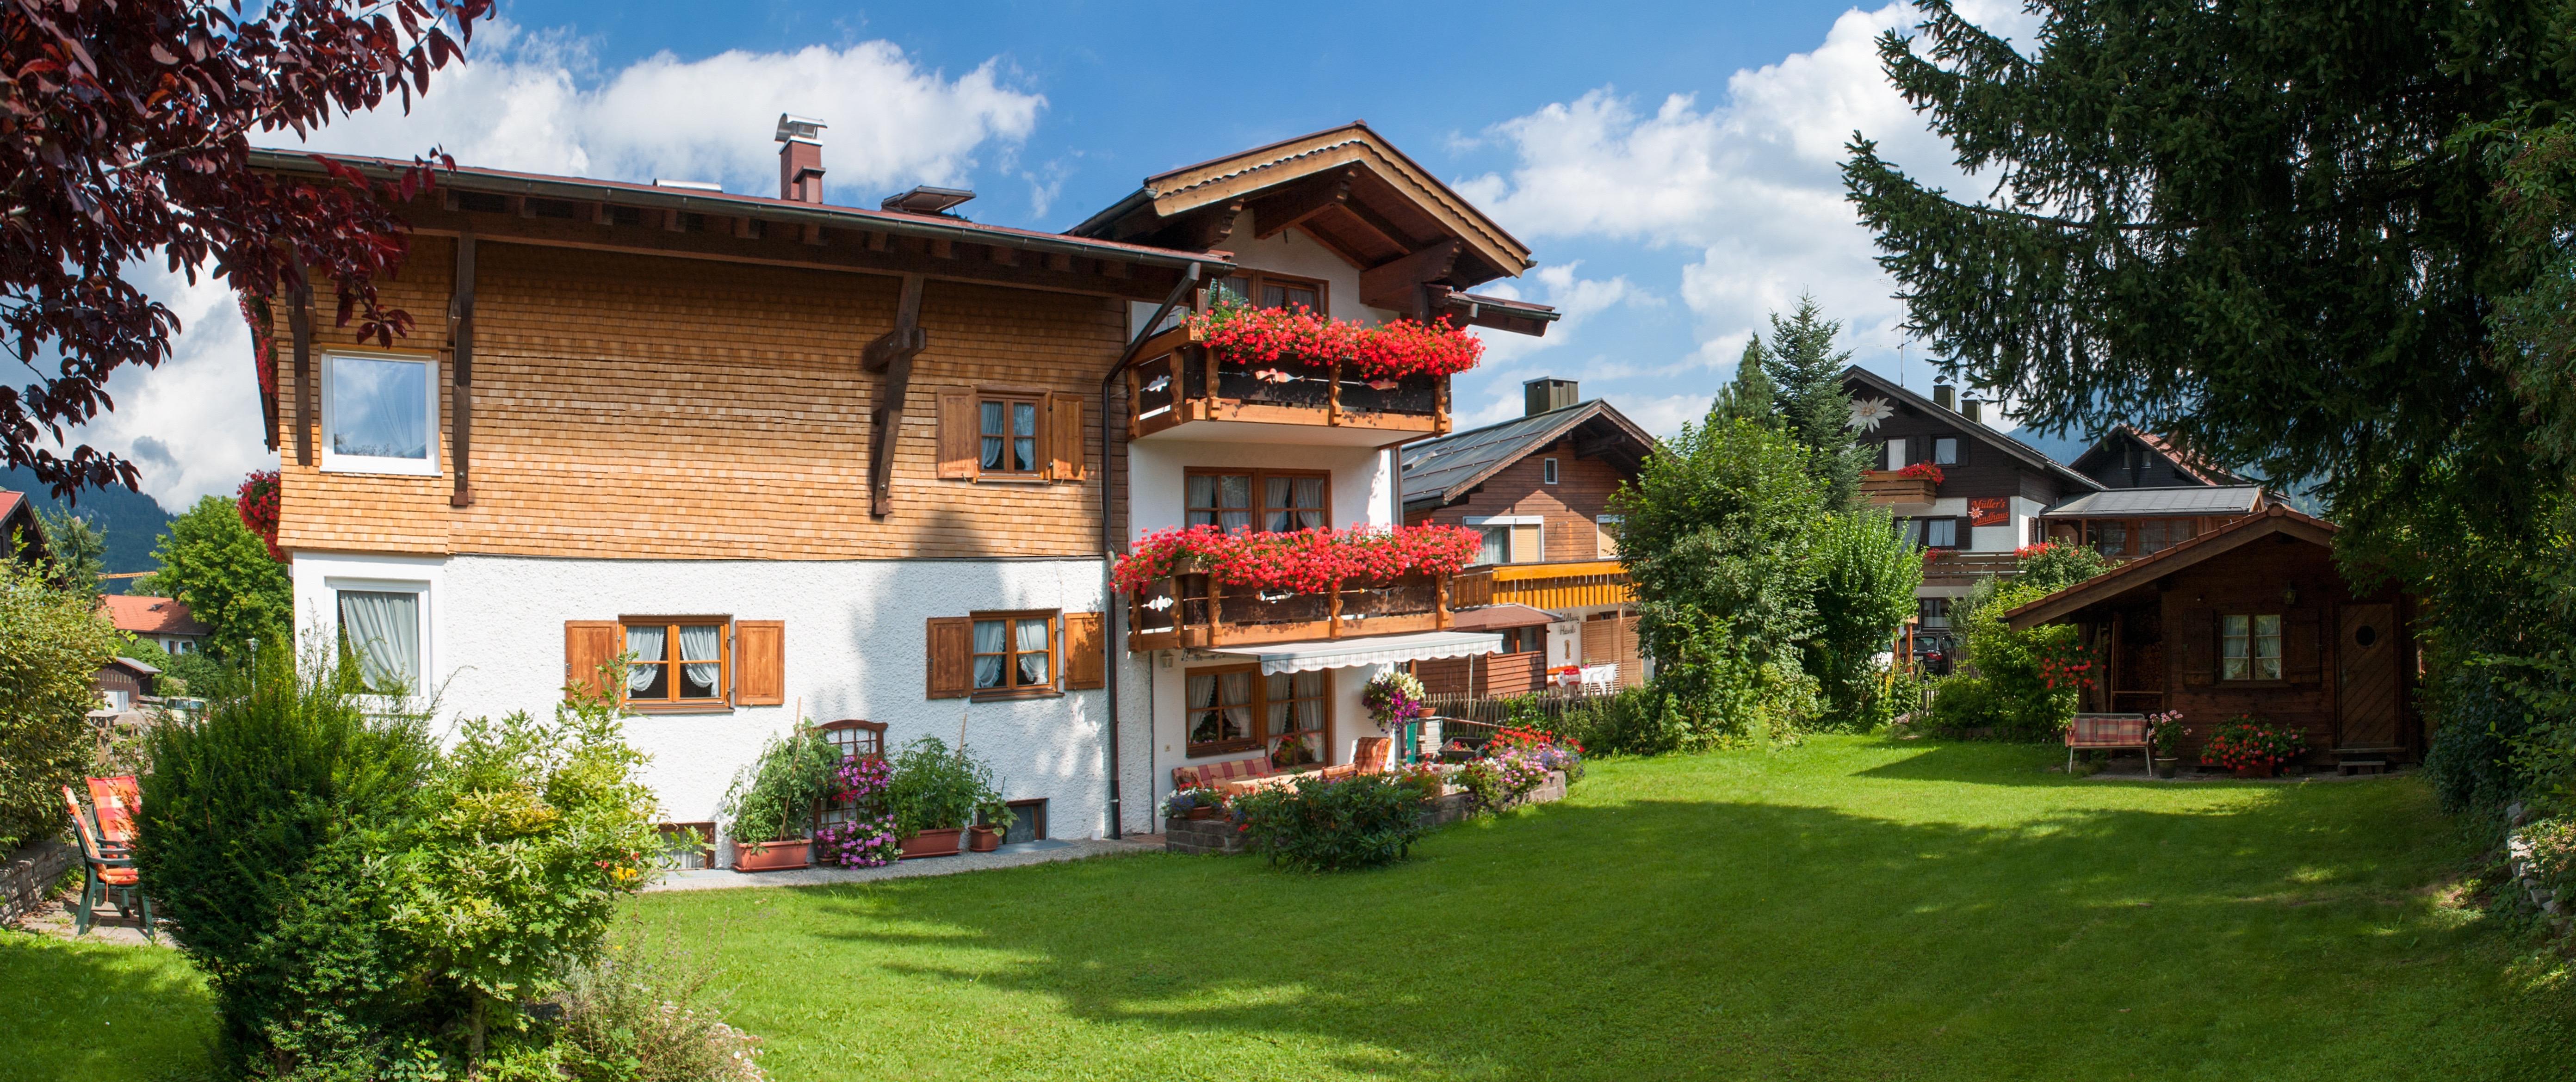 Ferienwohnung Landhaus Mayer / Kategorie 5 (2397399), Oberstdorf, Allgäu (Bayern), Bayern, Deutschland, Bild 8